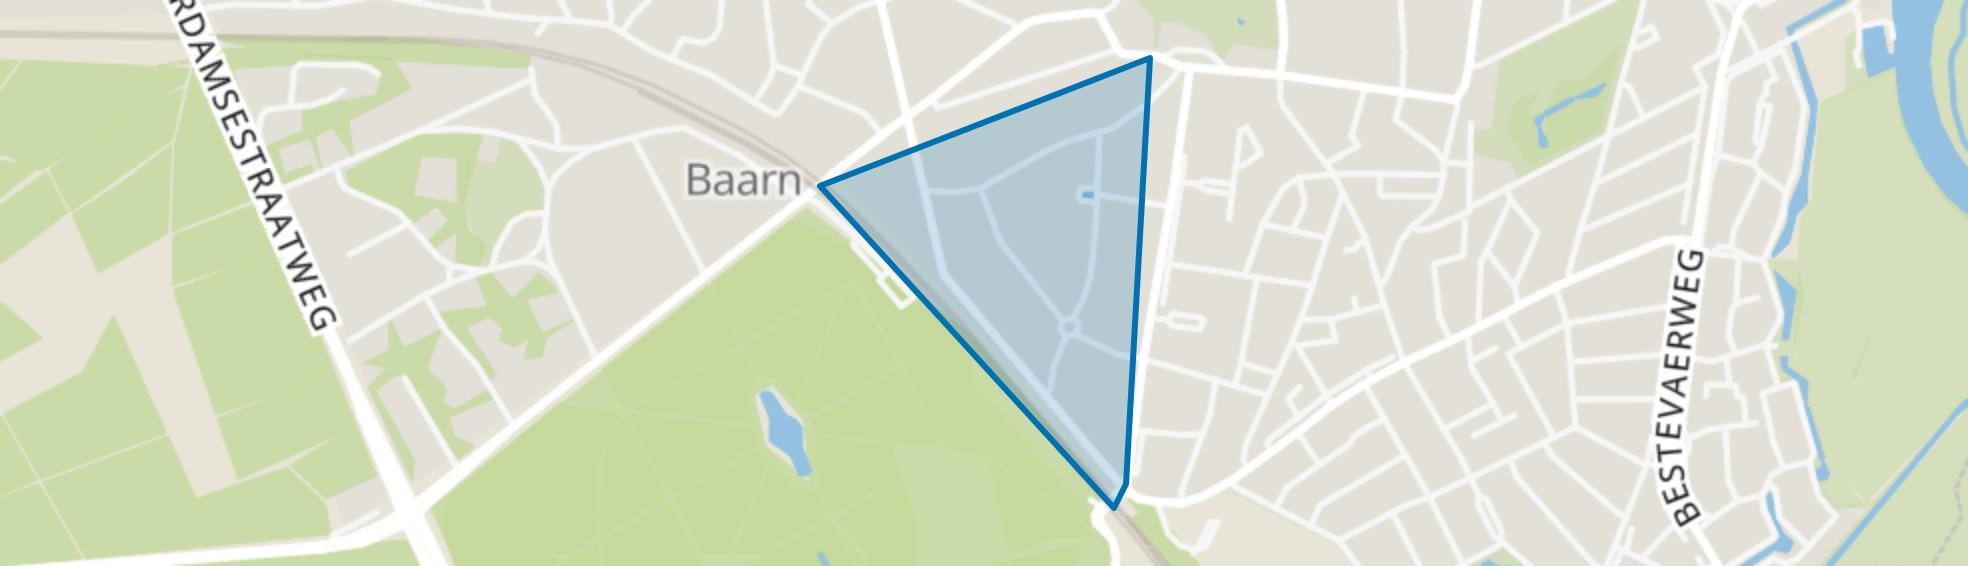 Pekingpark, Baarn map